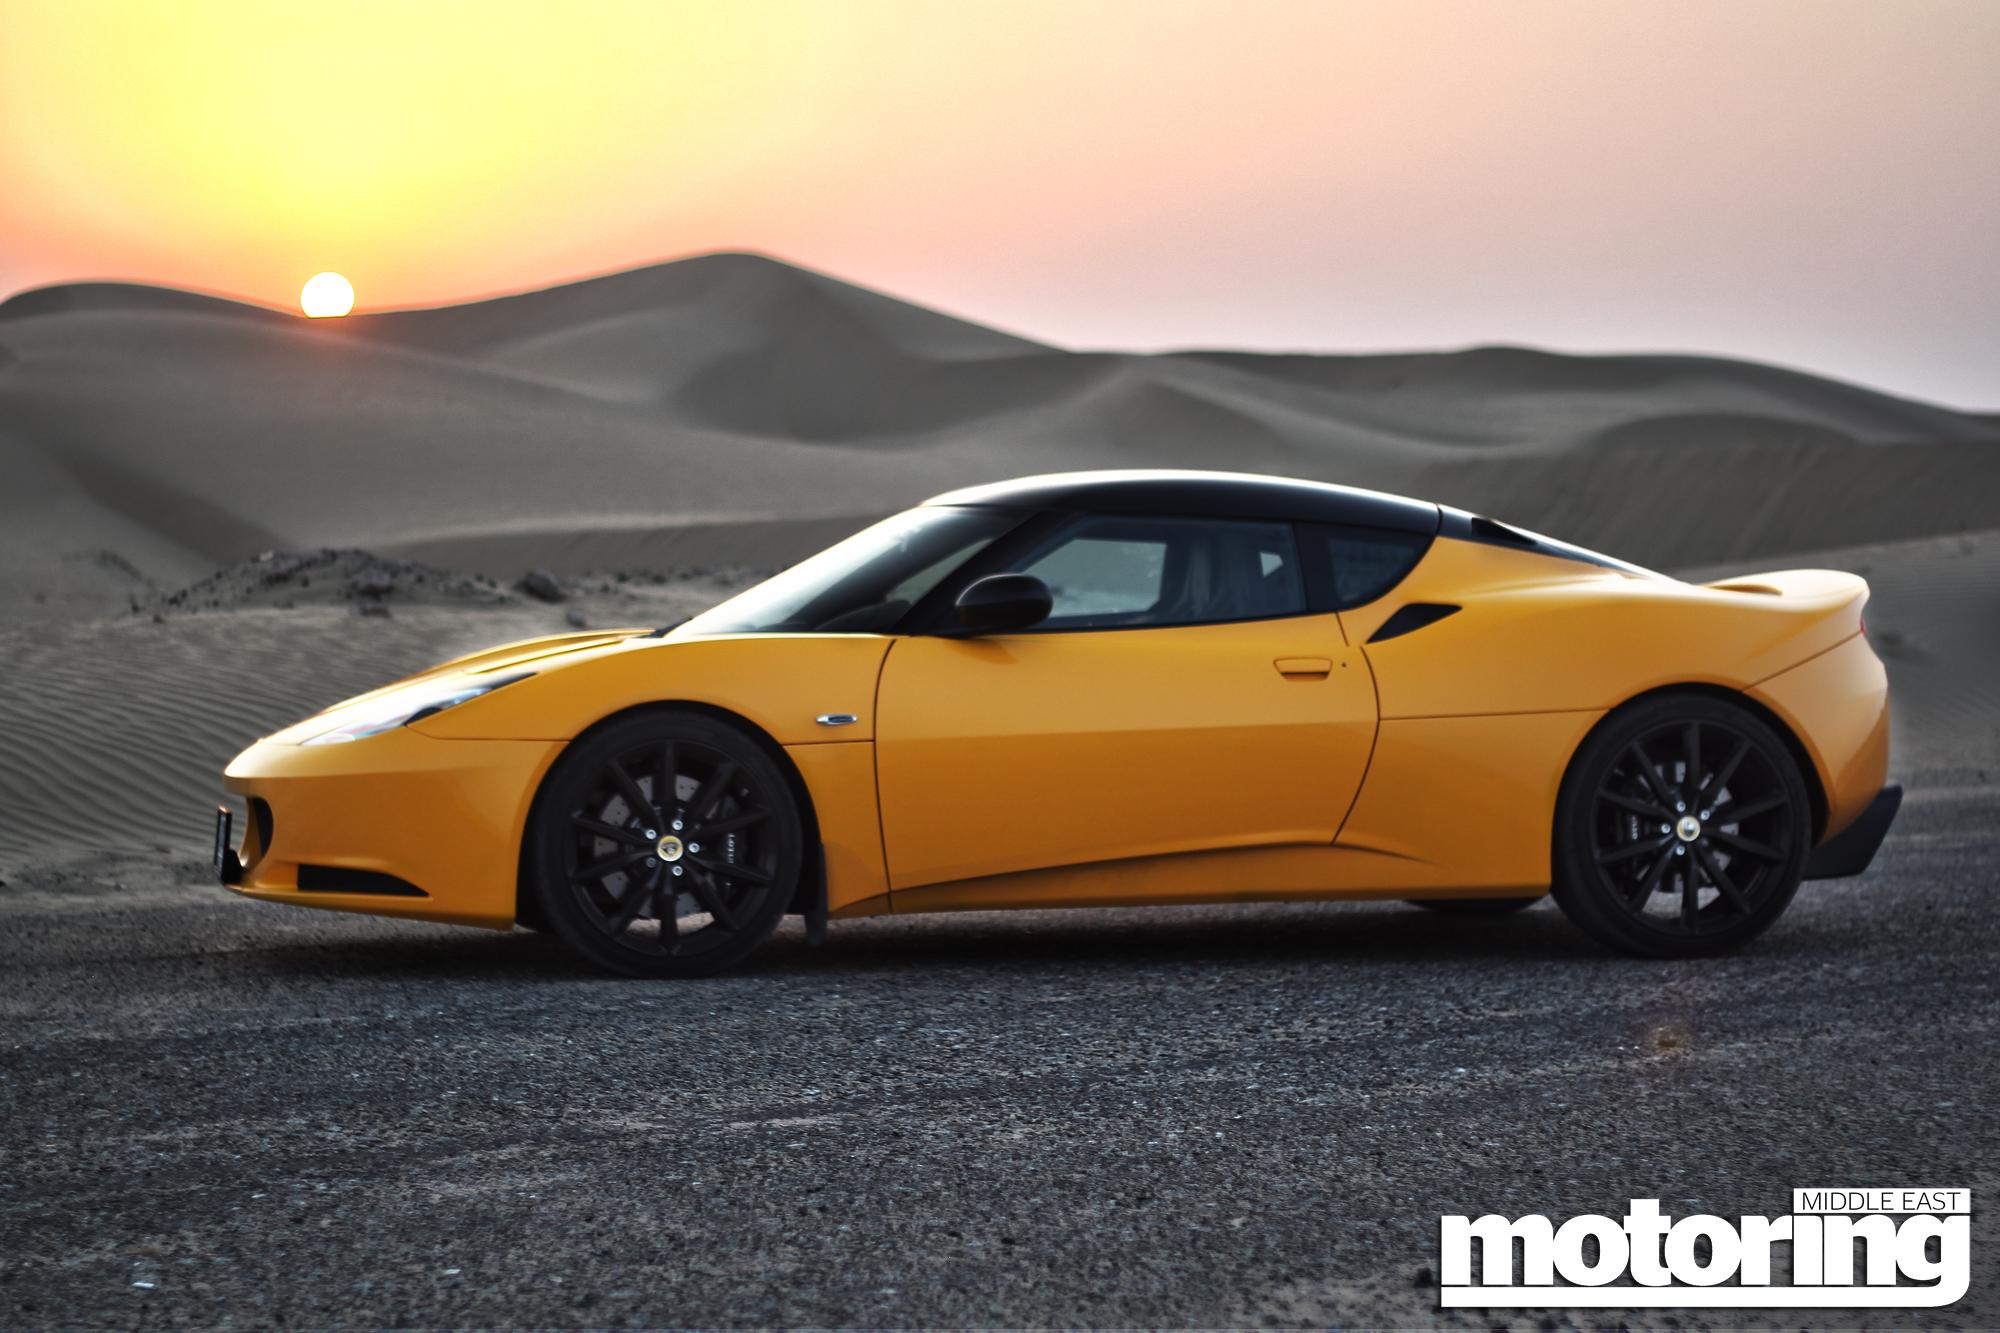 lotus evora s ips review motoring middle east car news. Black Bedroom Furniture Sets. Home Design Ideas